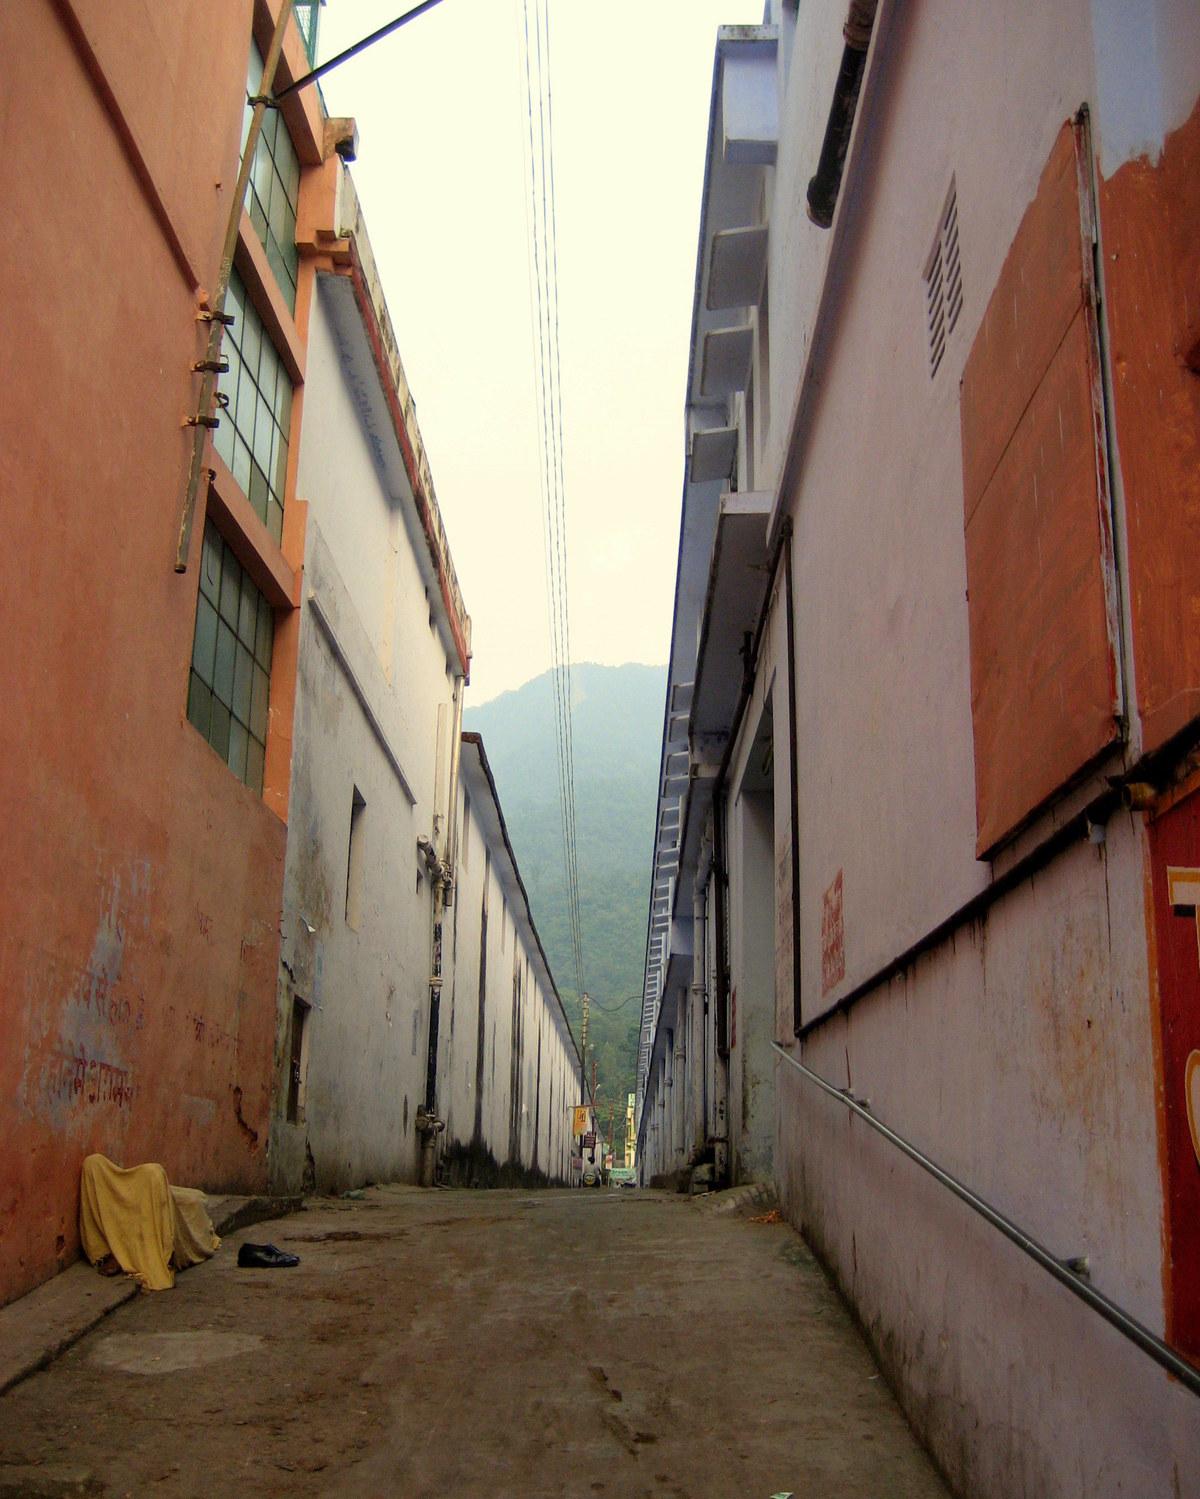 In the Corner: Rishikesh, India